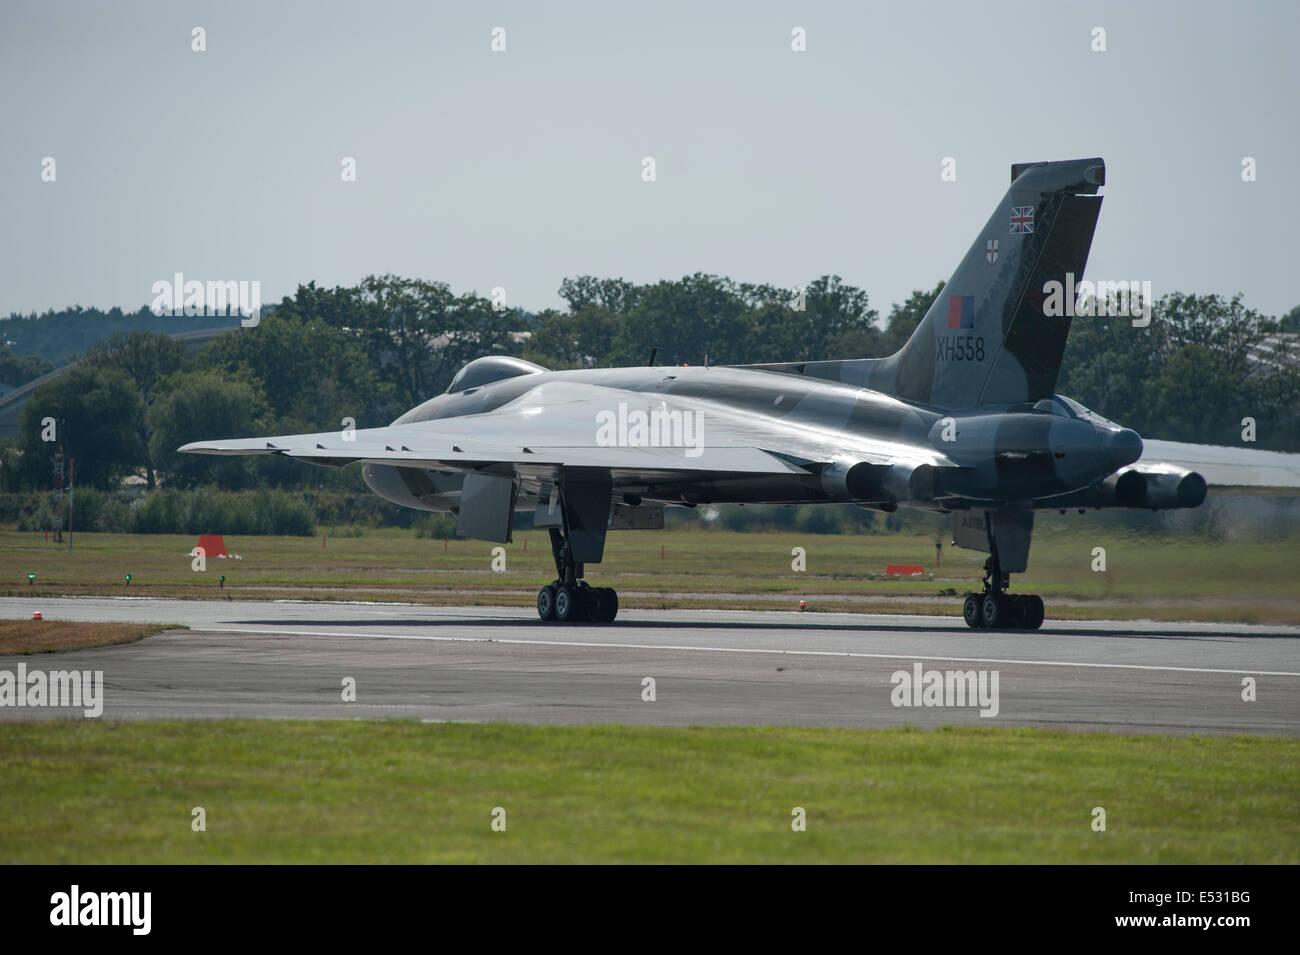 El aeródromo de Farnborough, Hampshire, Reino Unido. El 18 de julio, 2014. La exhibición aeroespacial Imagen De Stock